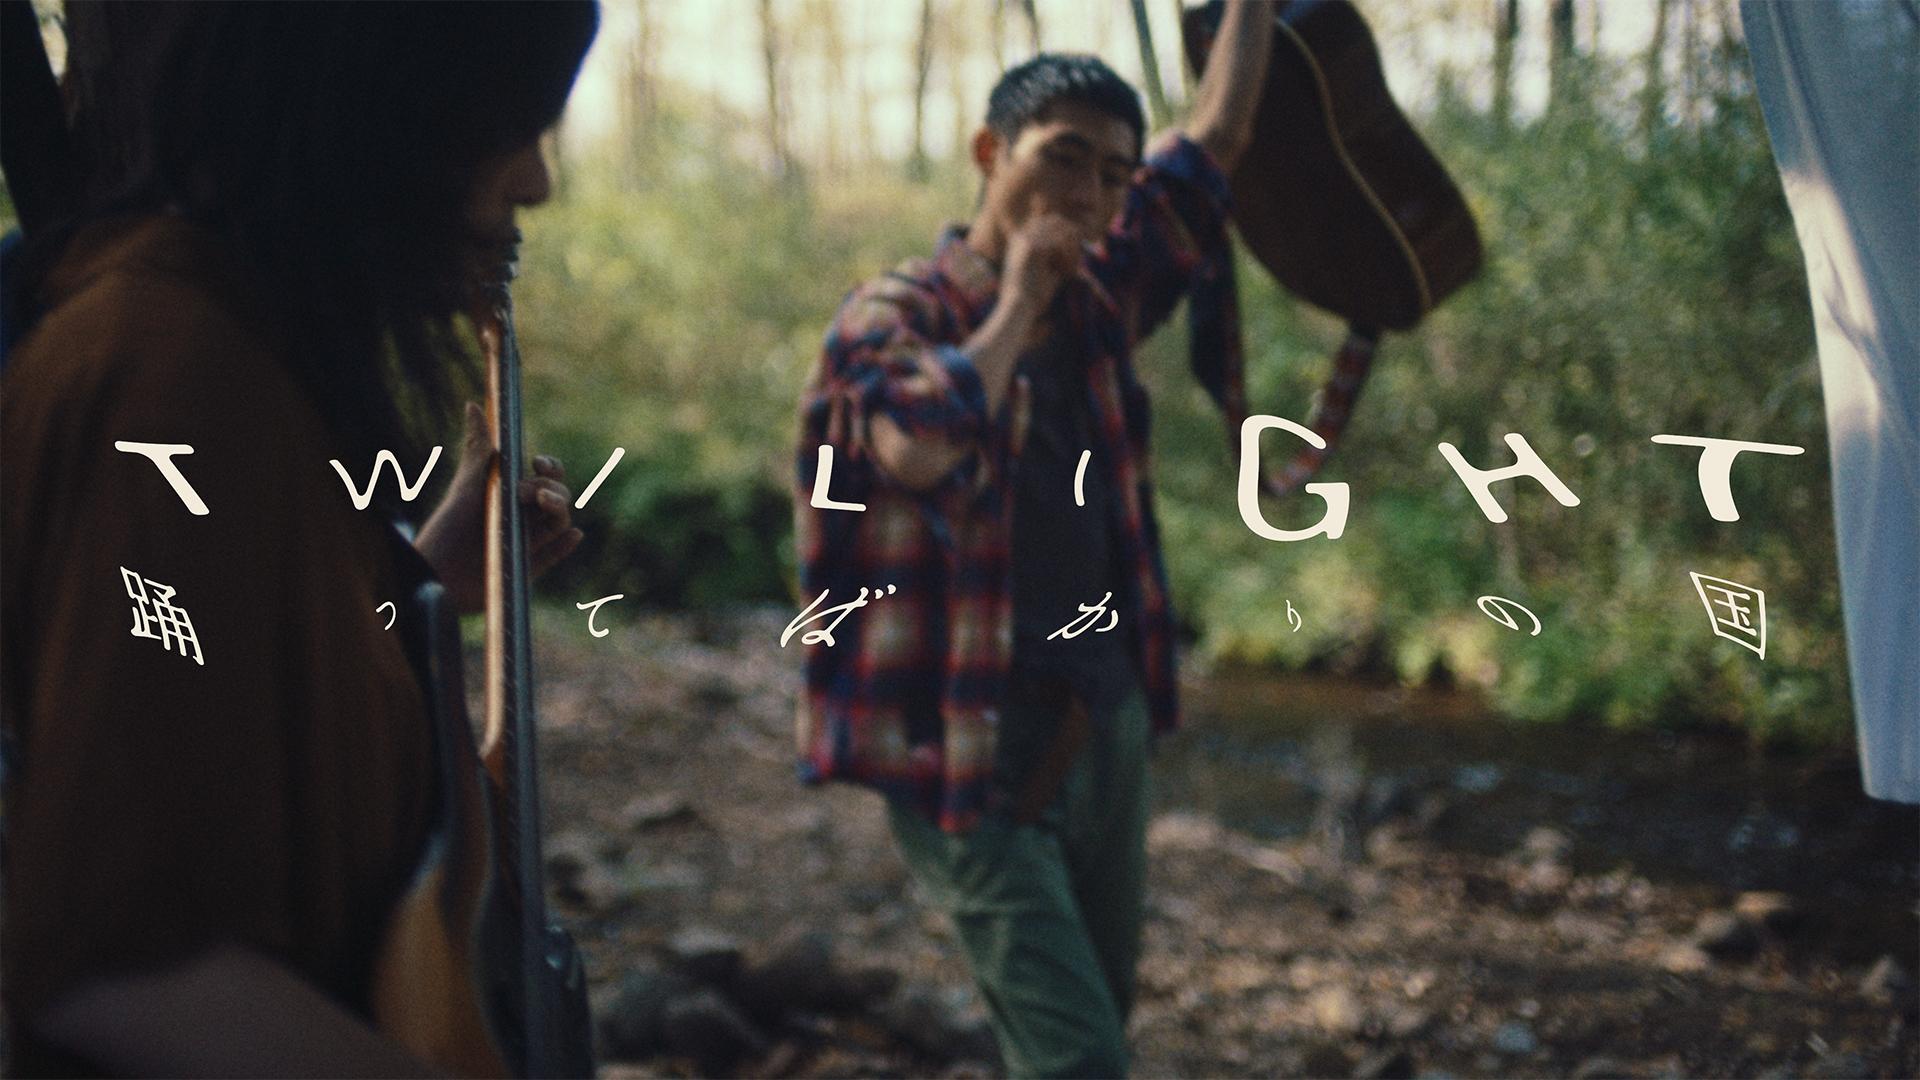 踊ってばかりの国「Twilight」Music video サムネイル